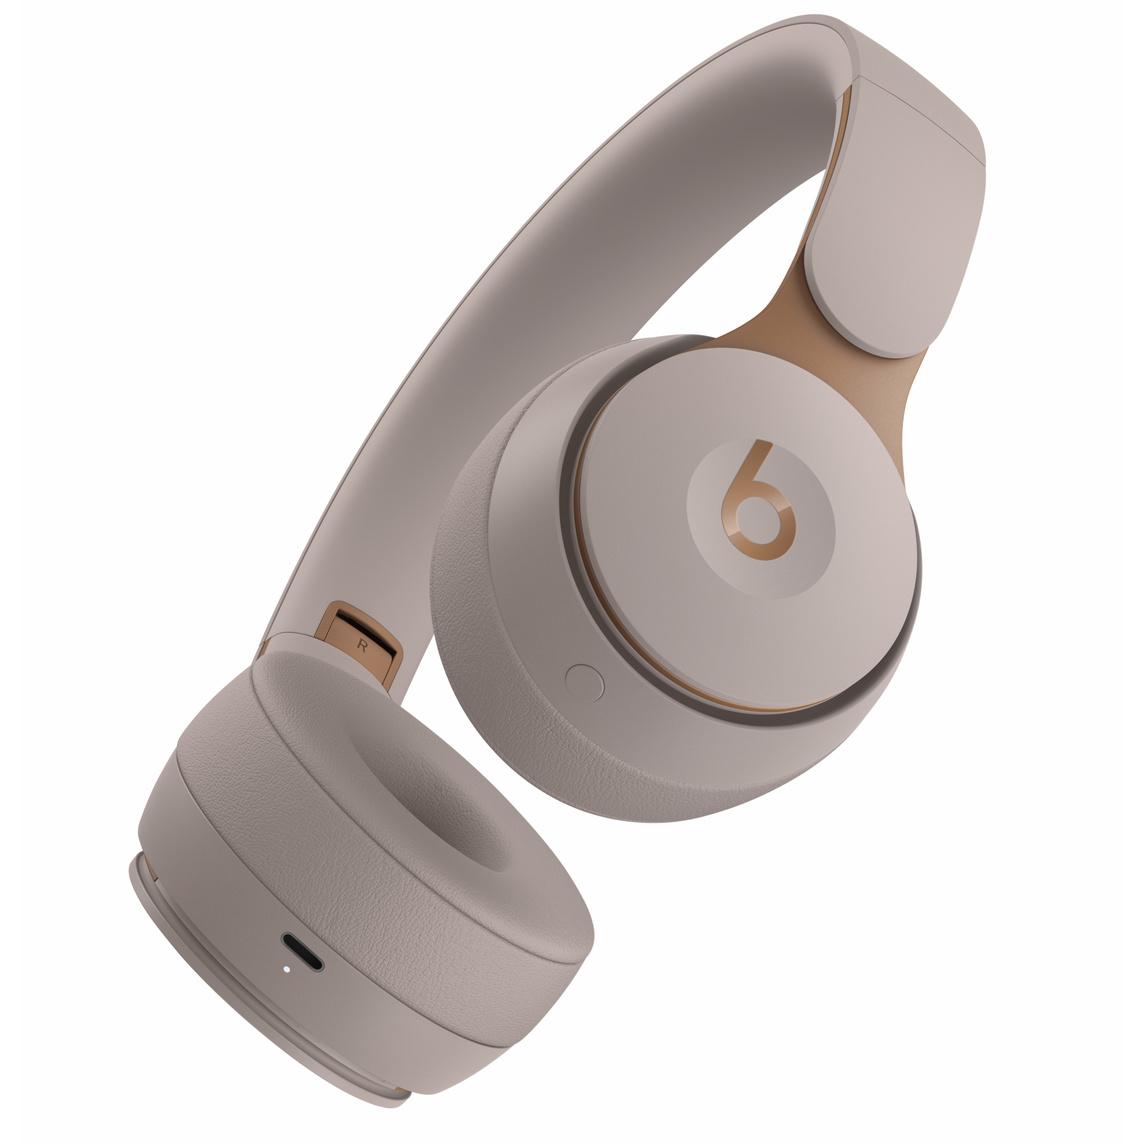 Beats Solo Pro trådløse, støyreduserende hodetelefoner